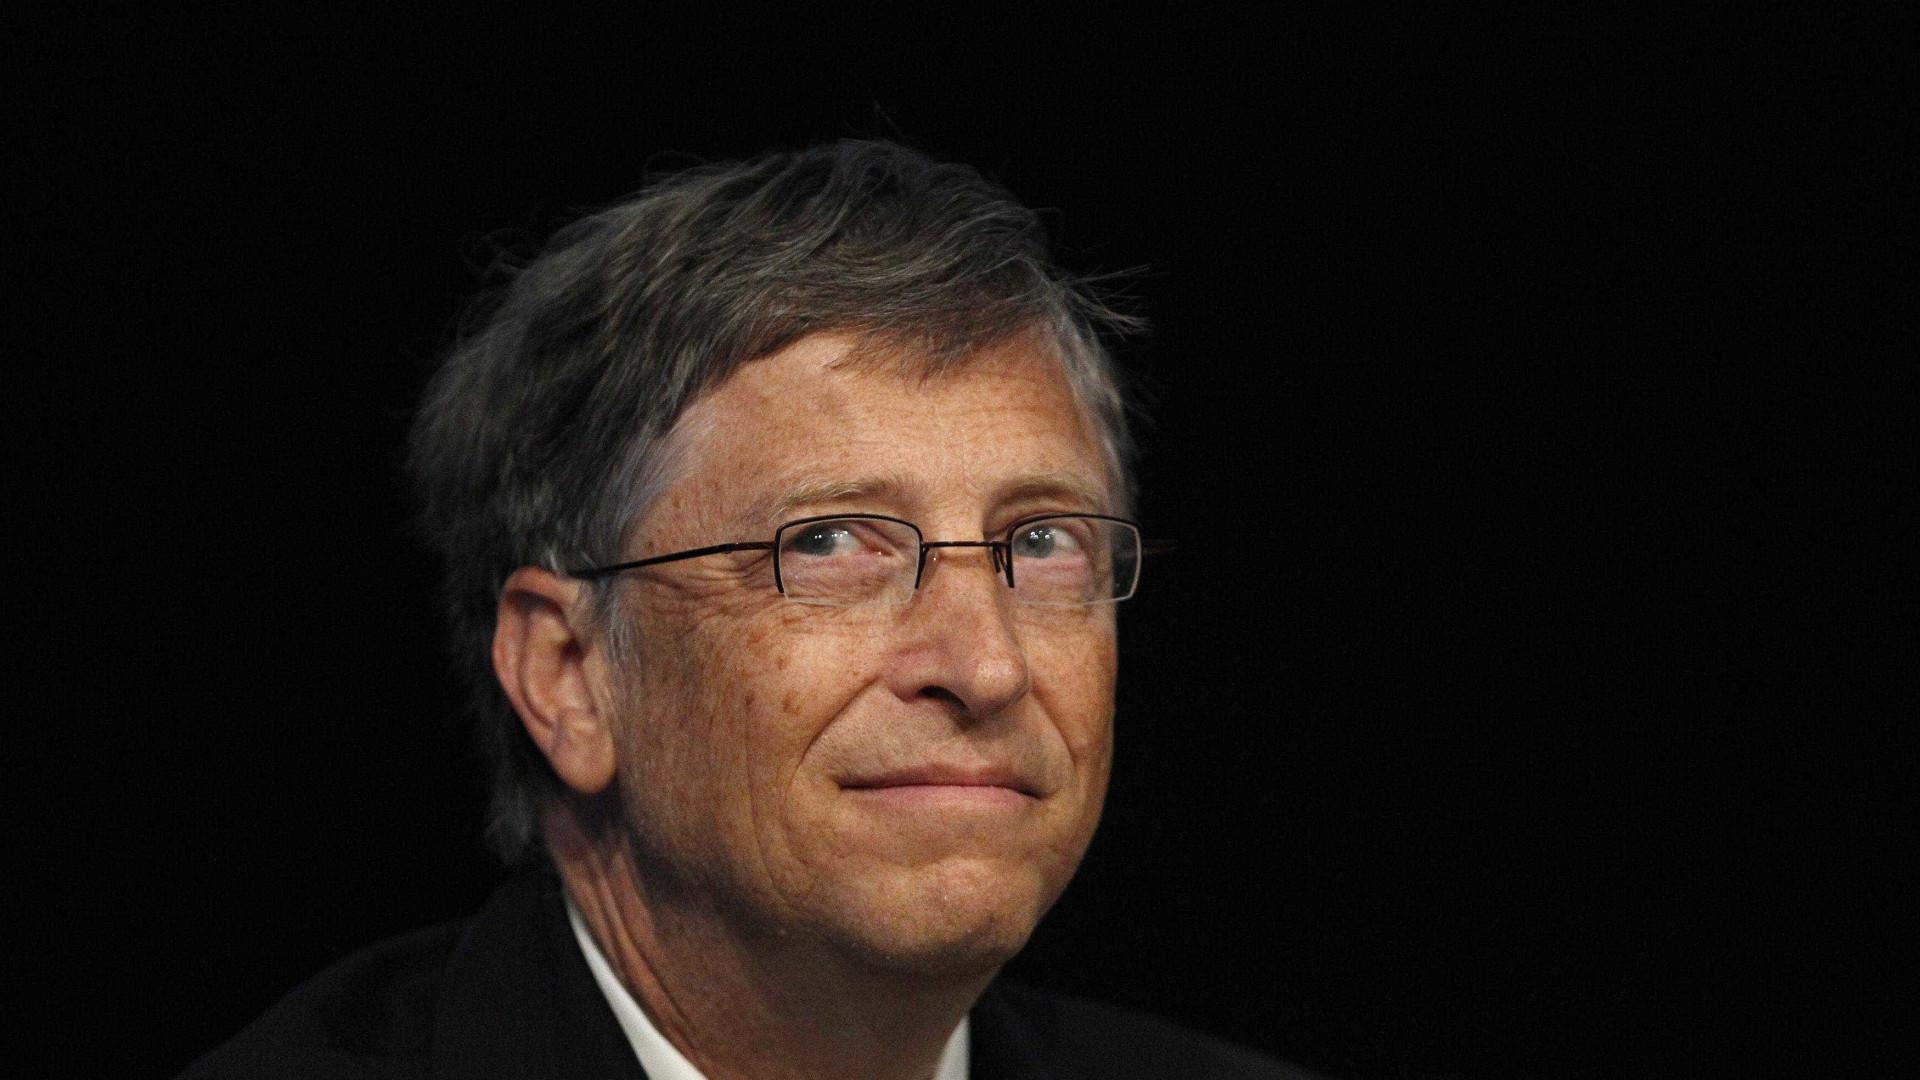 Teorias de conspiração sobre Covid-19 surpreenderam Bill Gates